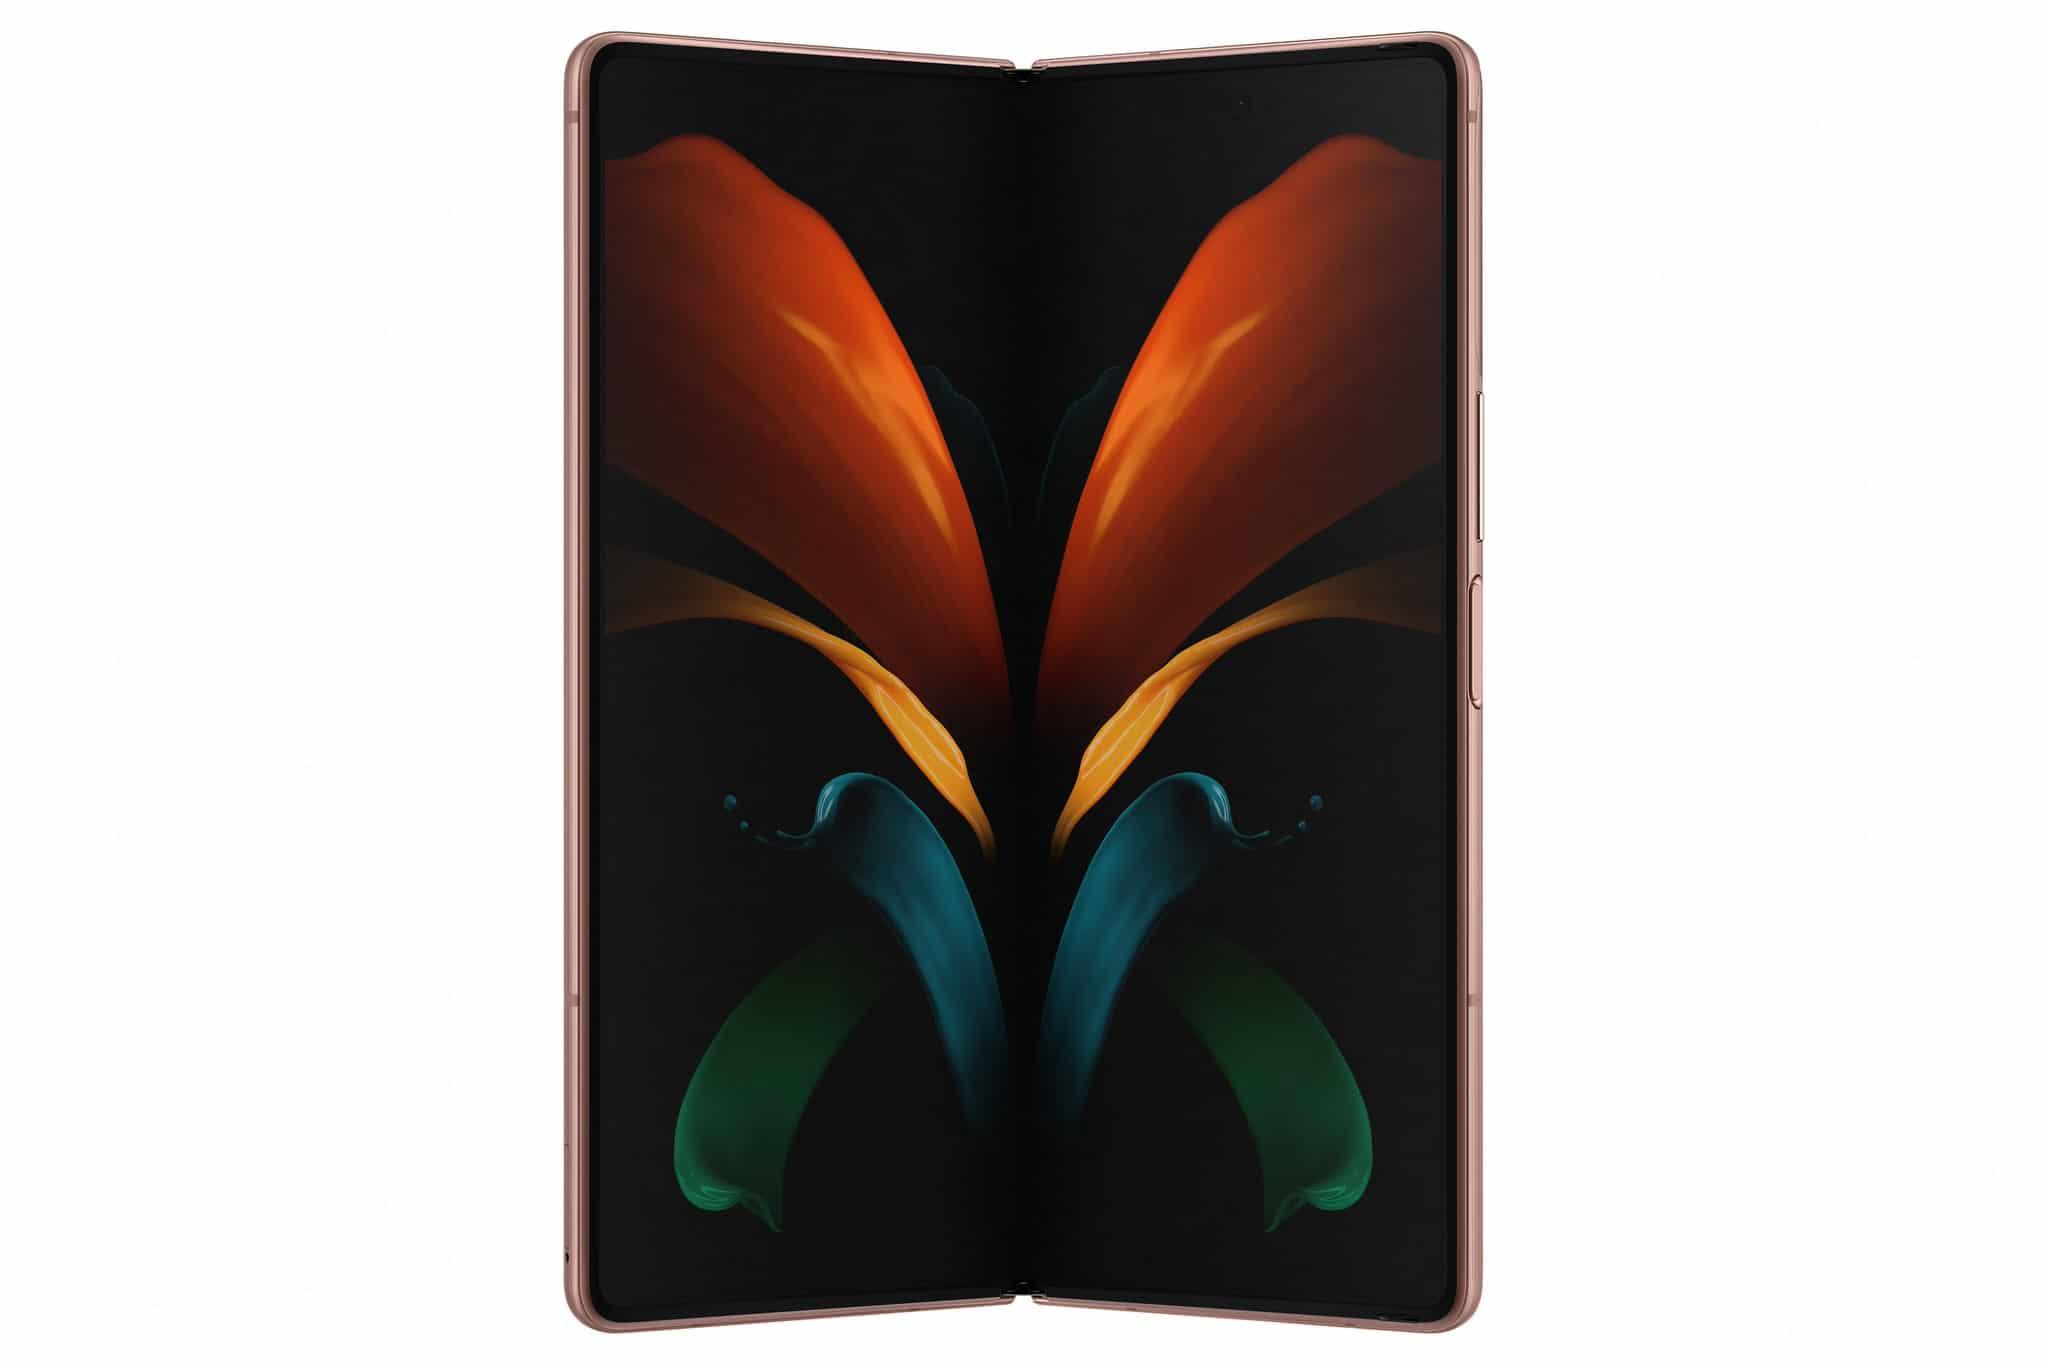 Samsung ra mắt Galaxy Z Fold2 với giá 2000 USD